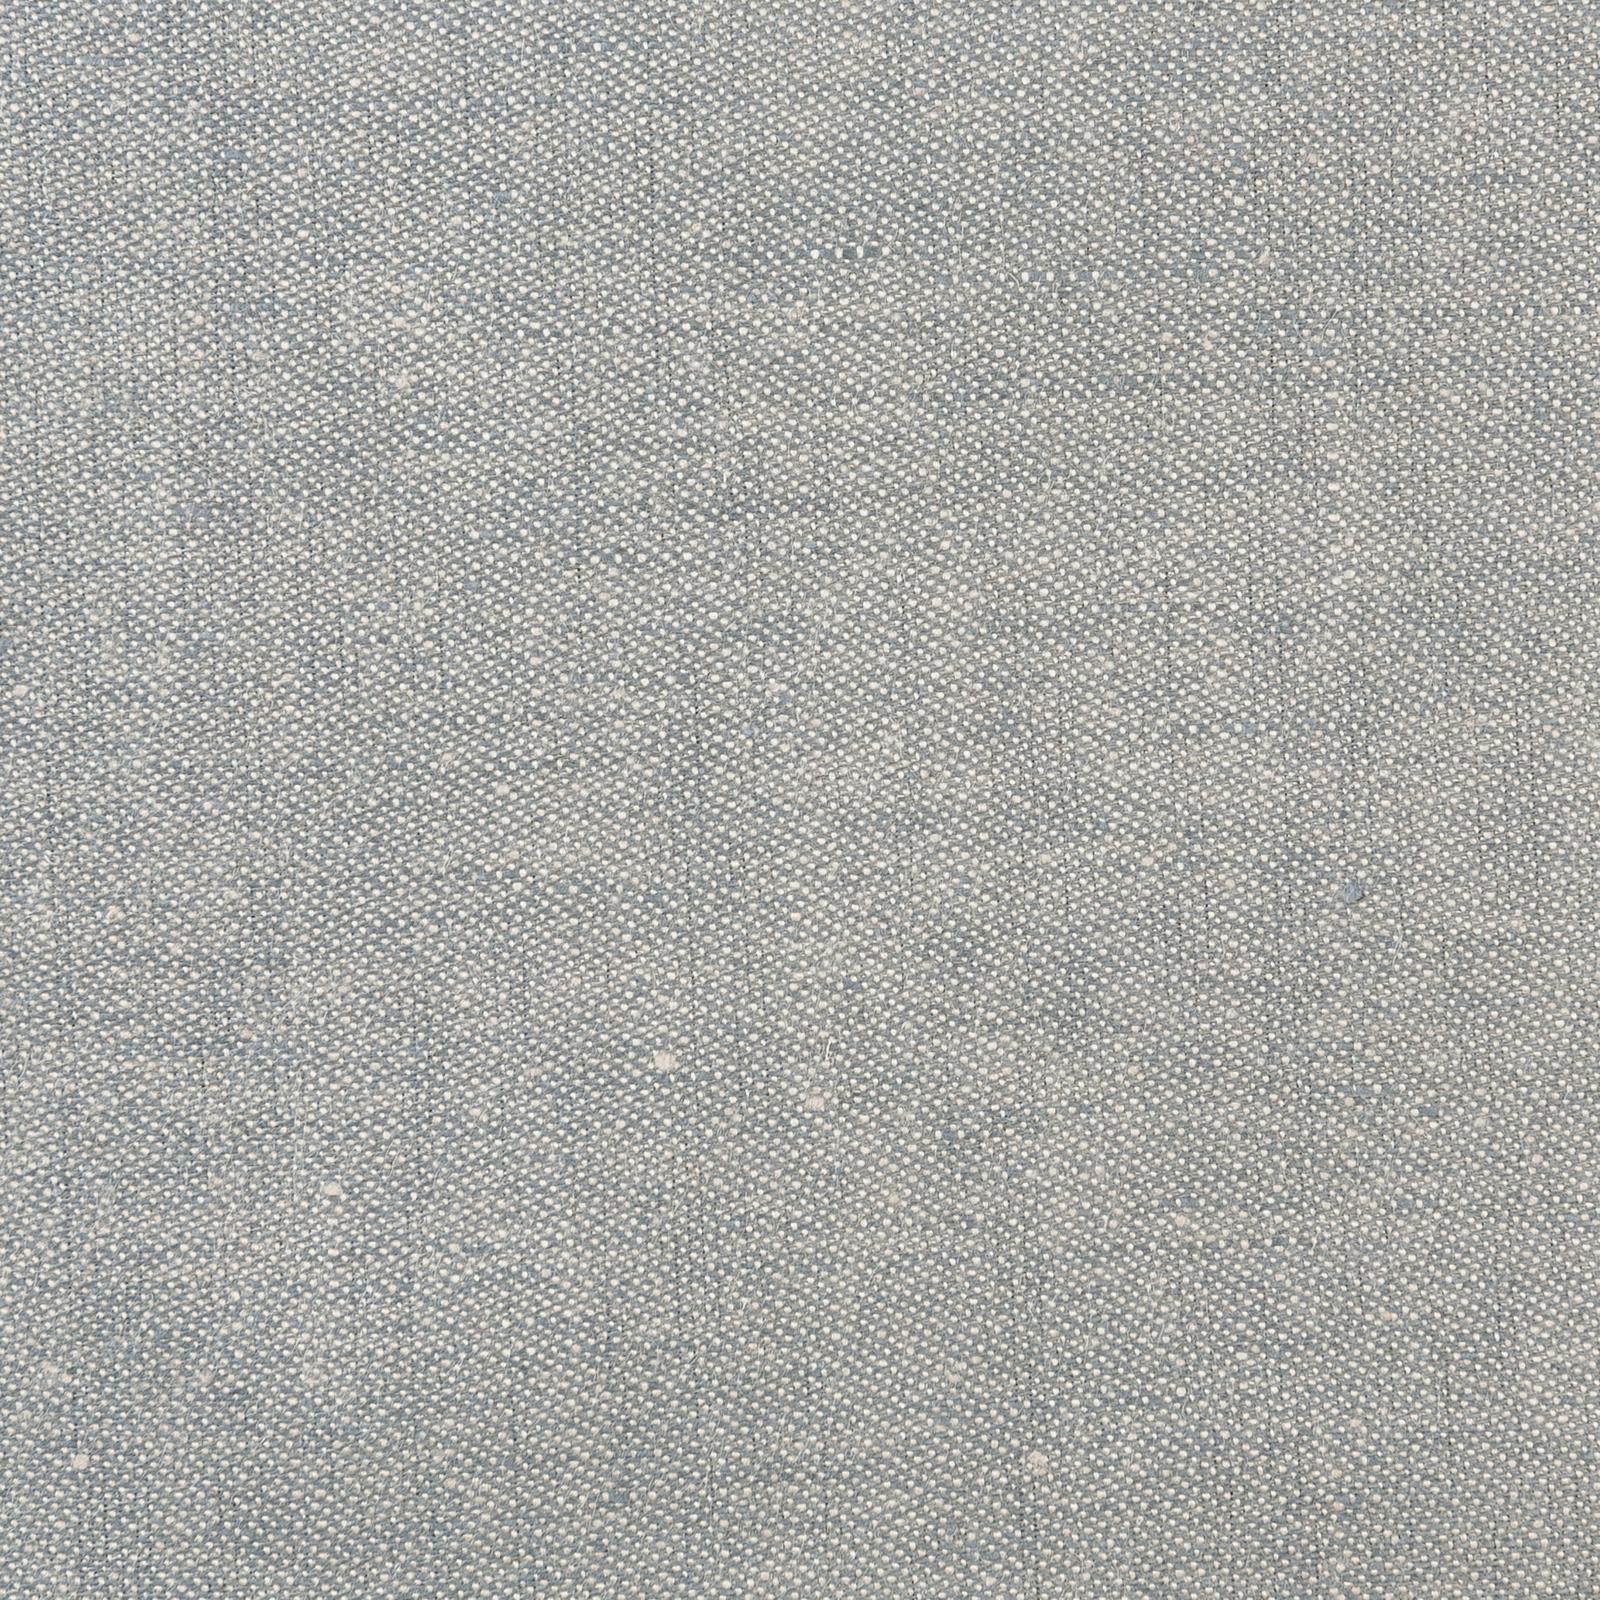 Satin servett linne Klässbols Studio linneväveri dimblå